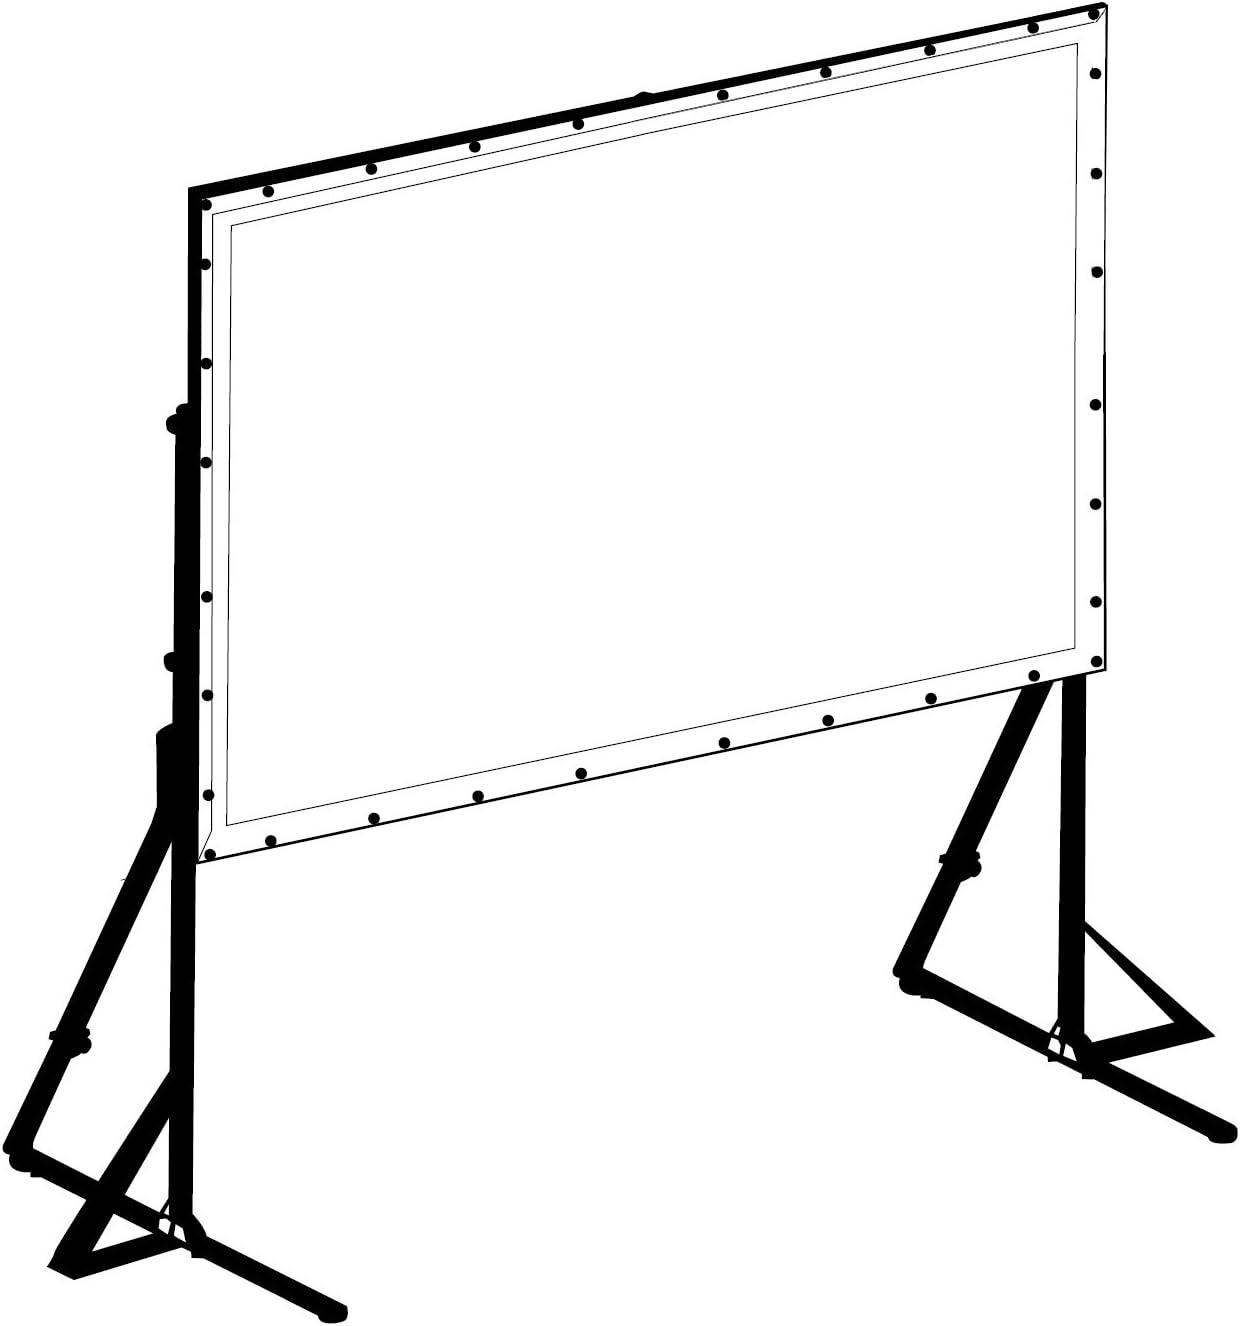 Telo da Proiezione perQuick-Folder Telo Ricambio per Proiettore a Bottoni ottimo per ogni Proiettore 100/% Professionale di Qualit/à Superiore HD! tela soft-white 258x161cm 120 16:10